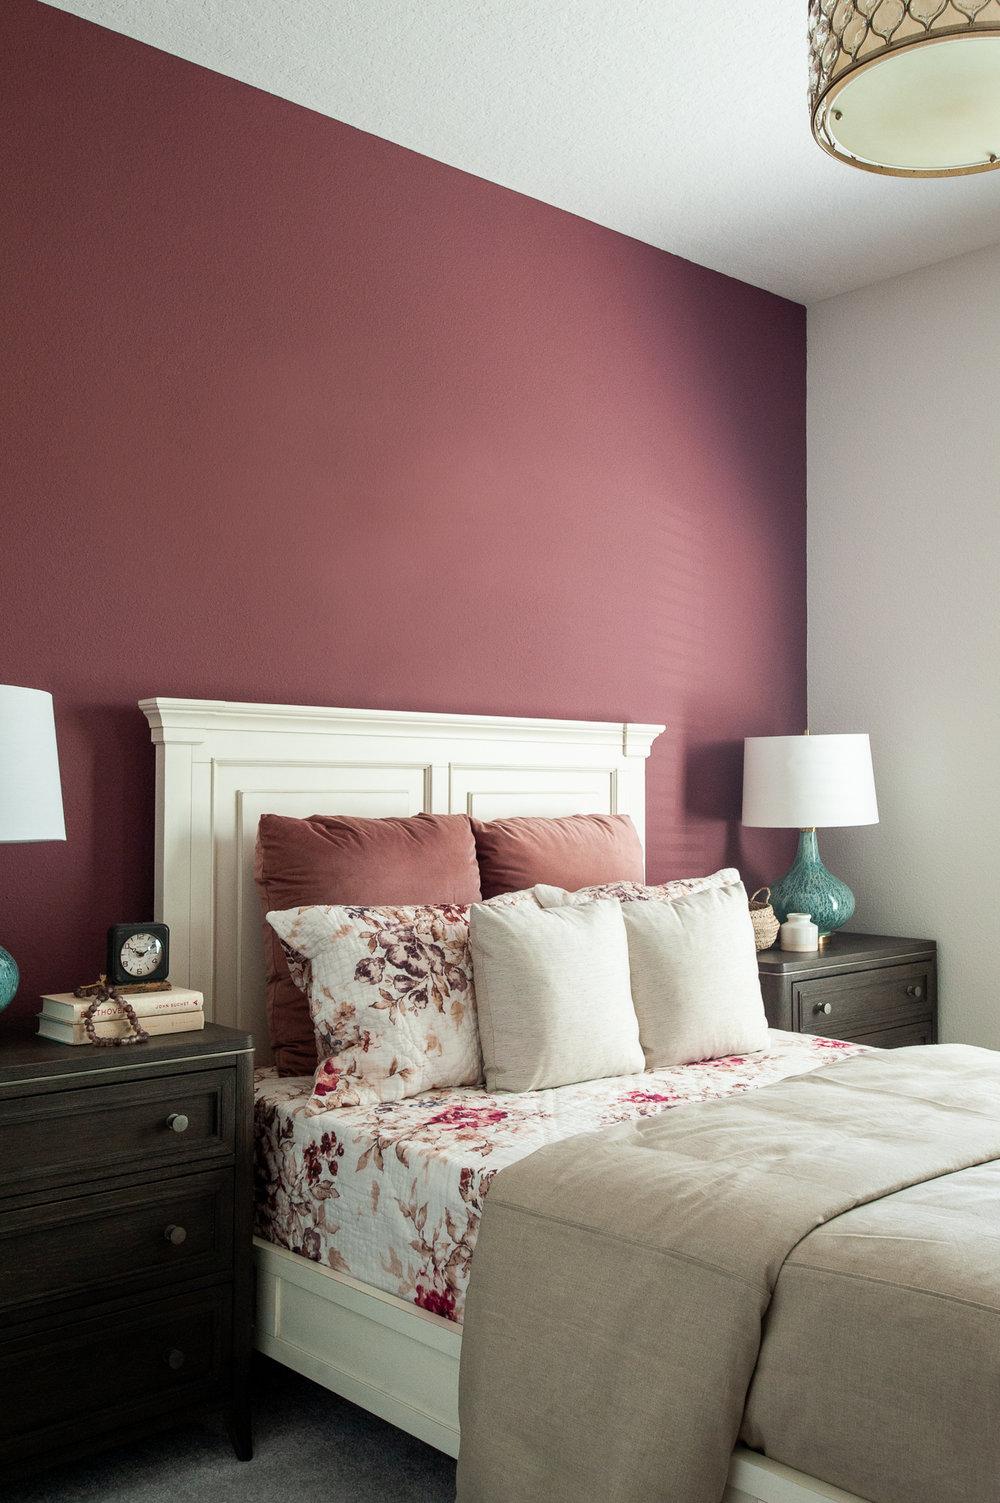 Micamy_Interior Designer_Design_Interior_Model_Merchandising_Guest Bedroom_Accent Wall_Uttemrost_UniversalFurniture_Schumacher_AmityBedding_Lennar_Blog.jpg